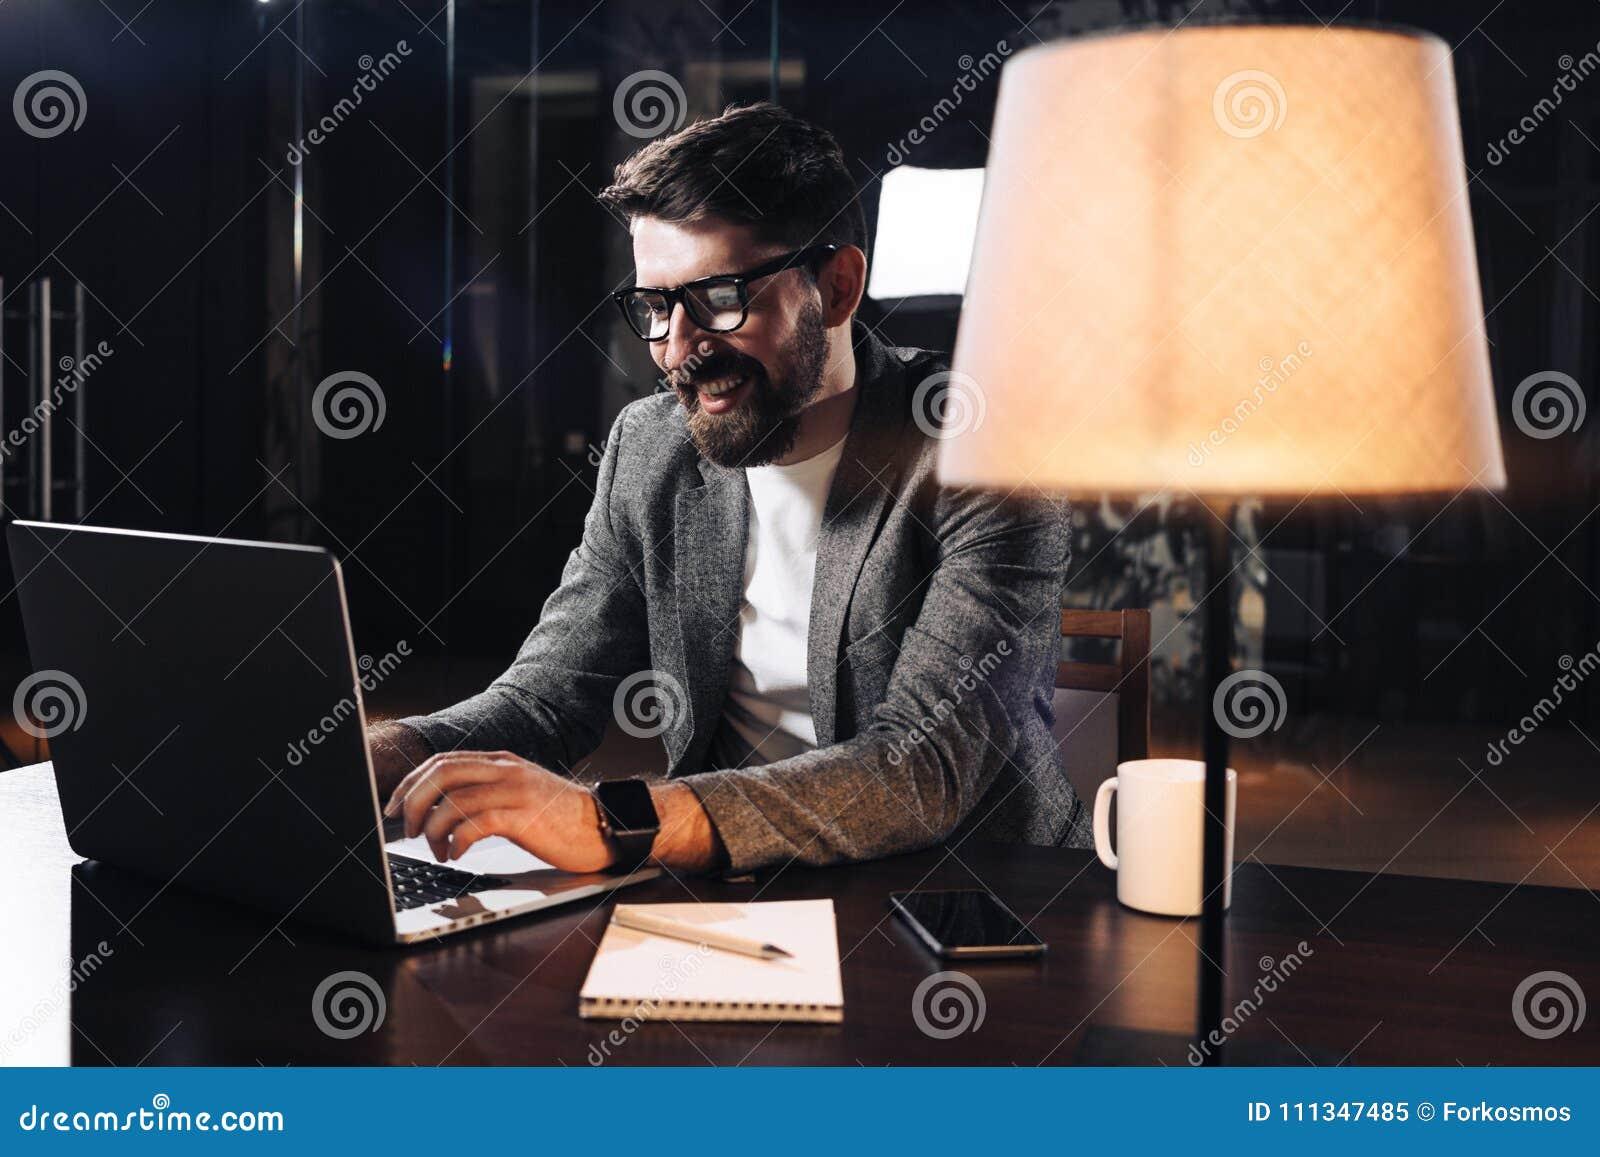 Glimlachende jonge gebaarde zakenman die aan eigentijds notitieboekje in zolderbureau bij nacht werken